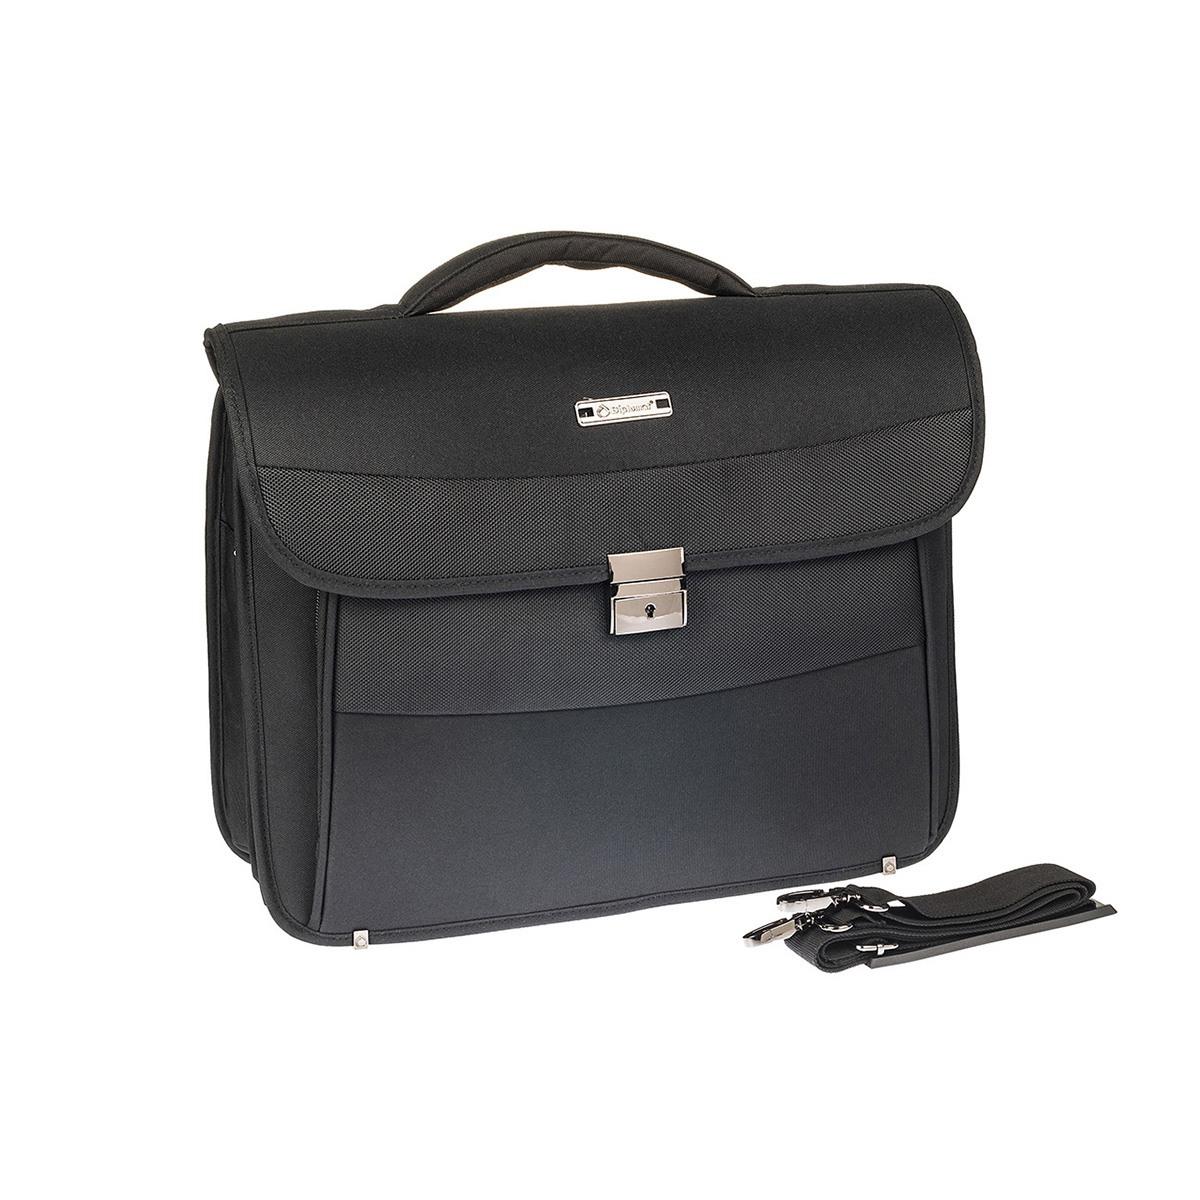 Diplomat BL213 Τσάντα Επαγγελματική - Χαρτοφύλακας Laptop